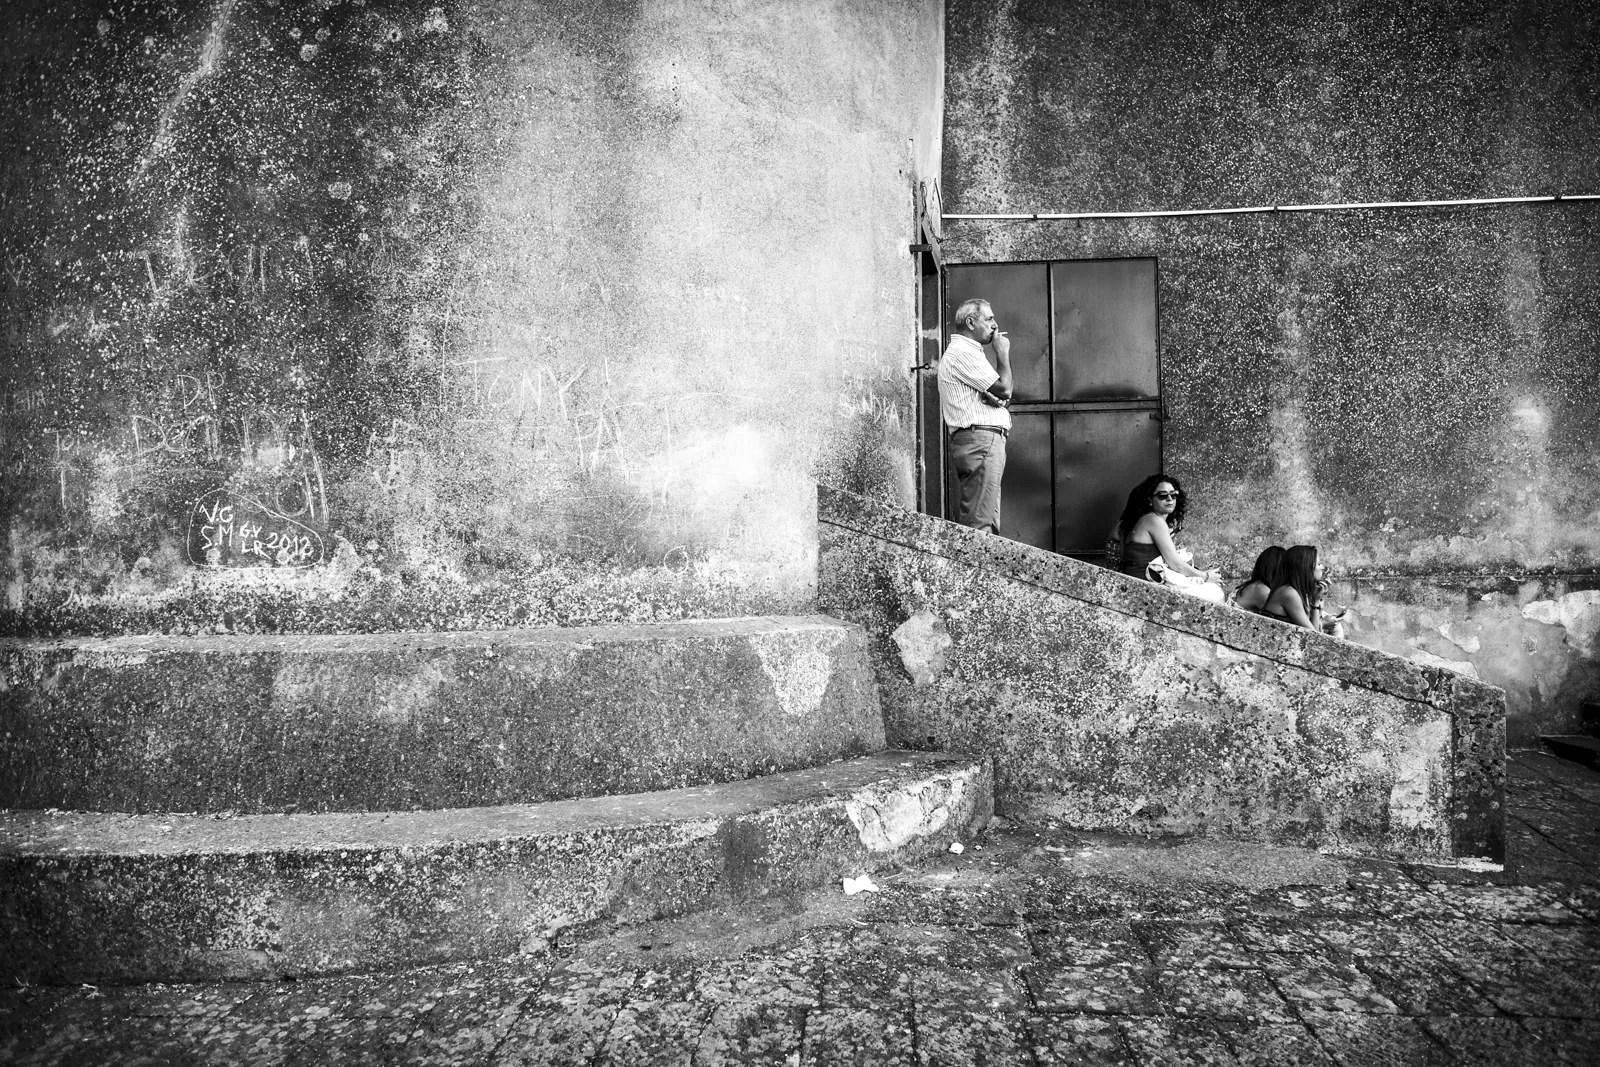 DSCF2928 - La fuori c'è gente - Militello val Ct - Sicily 2014 [street photography] - fotostreet.it